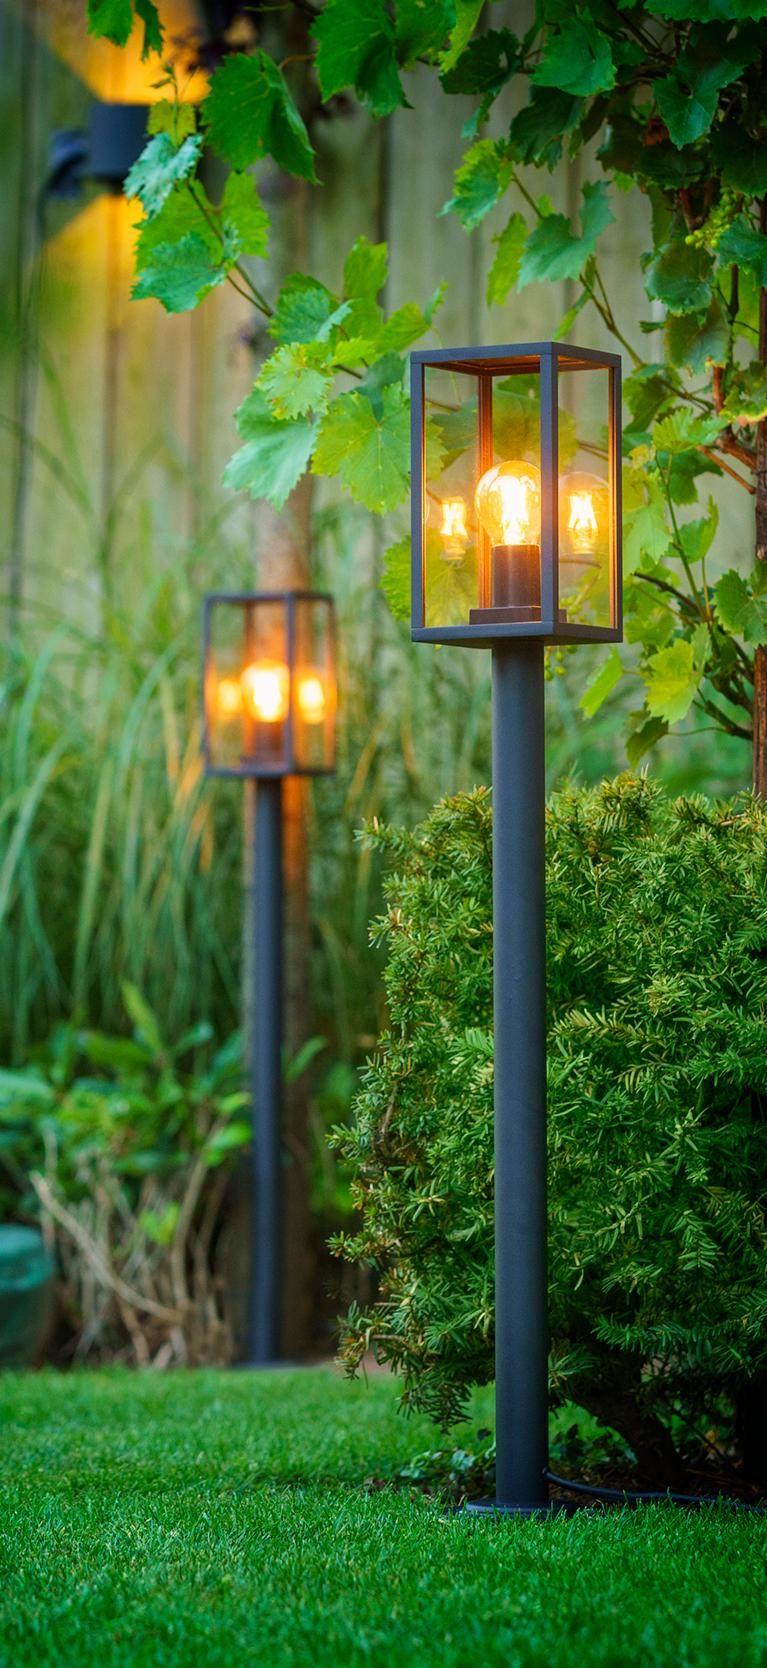 Limosa 90 Garden Lights Filament Lampen 12 Volt Verlichting Buitenverlichting Tuininrichting